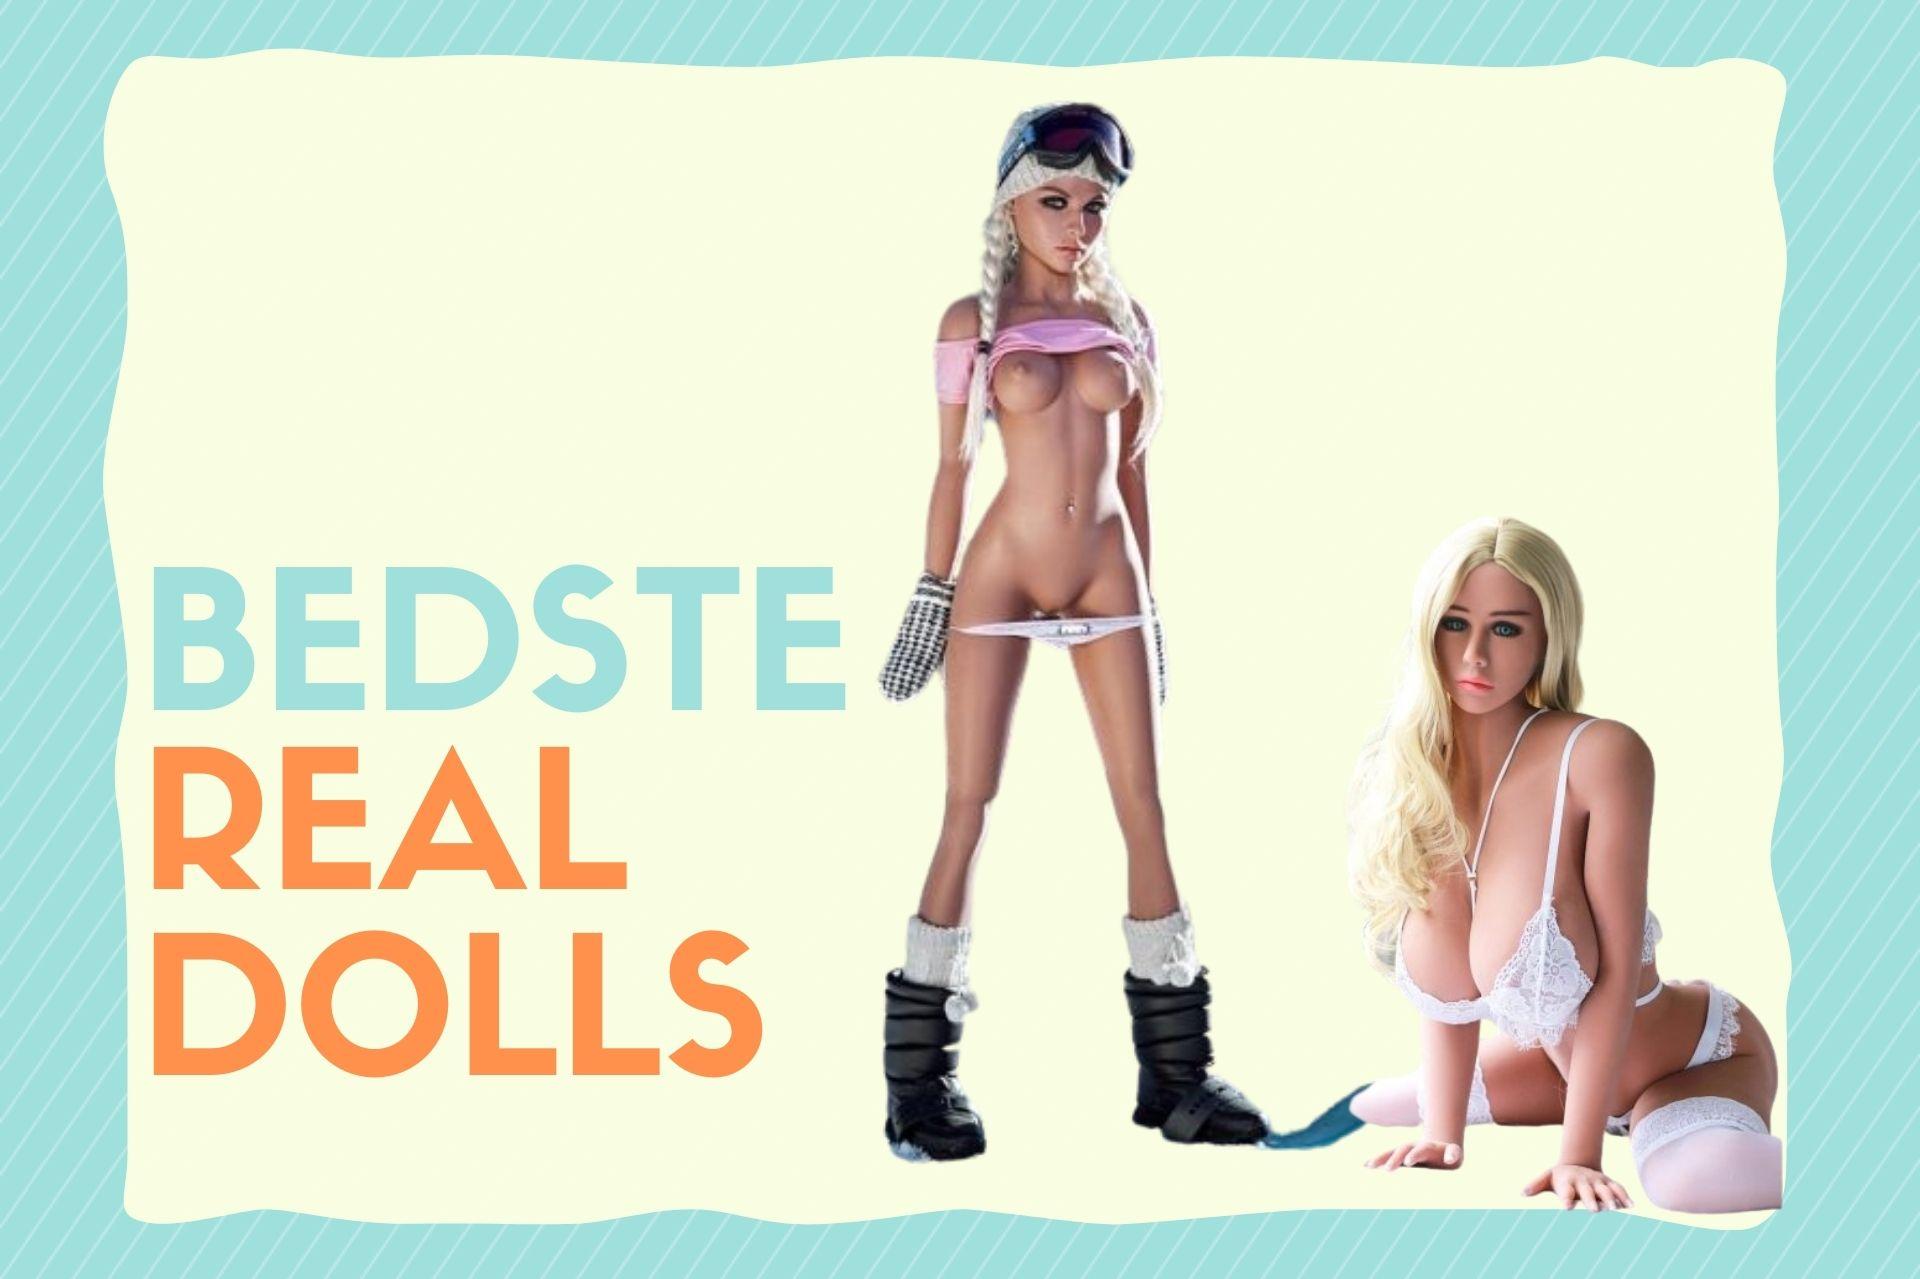 Real doll - frække og realistiske love dolls